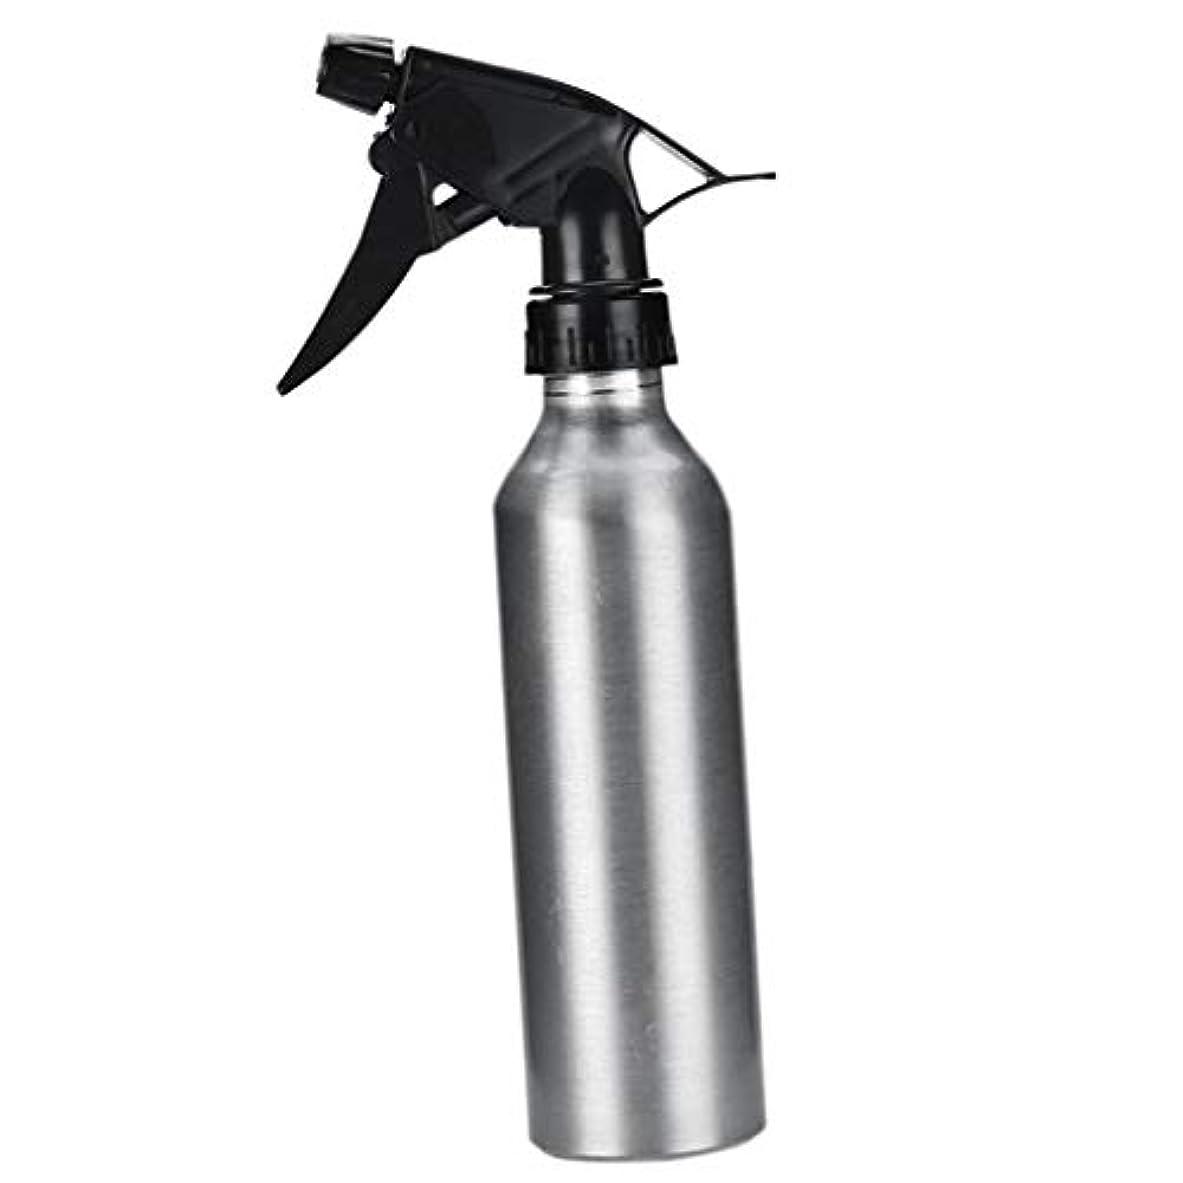 モニカ資本主義フェローシップアルミ スプレーボトル 化粧品ボトル 霧吹き 詰め替え容器 漏れ防止 園芸料理用美髪師用噴霧器全2色 - 銀